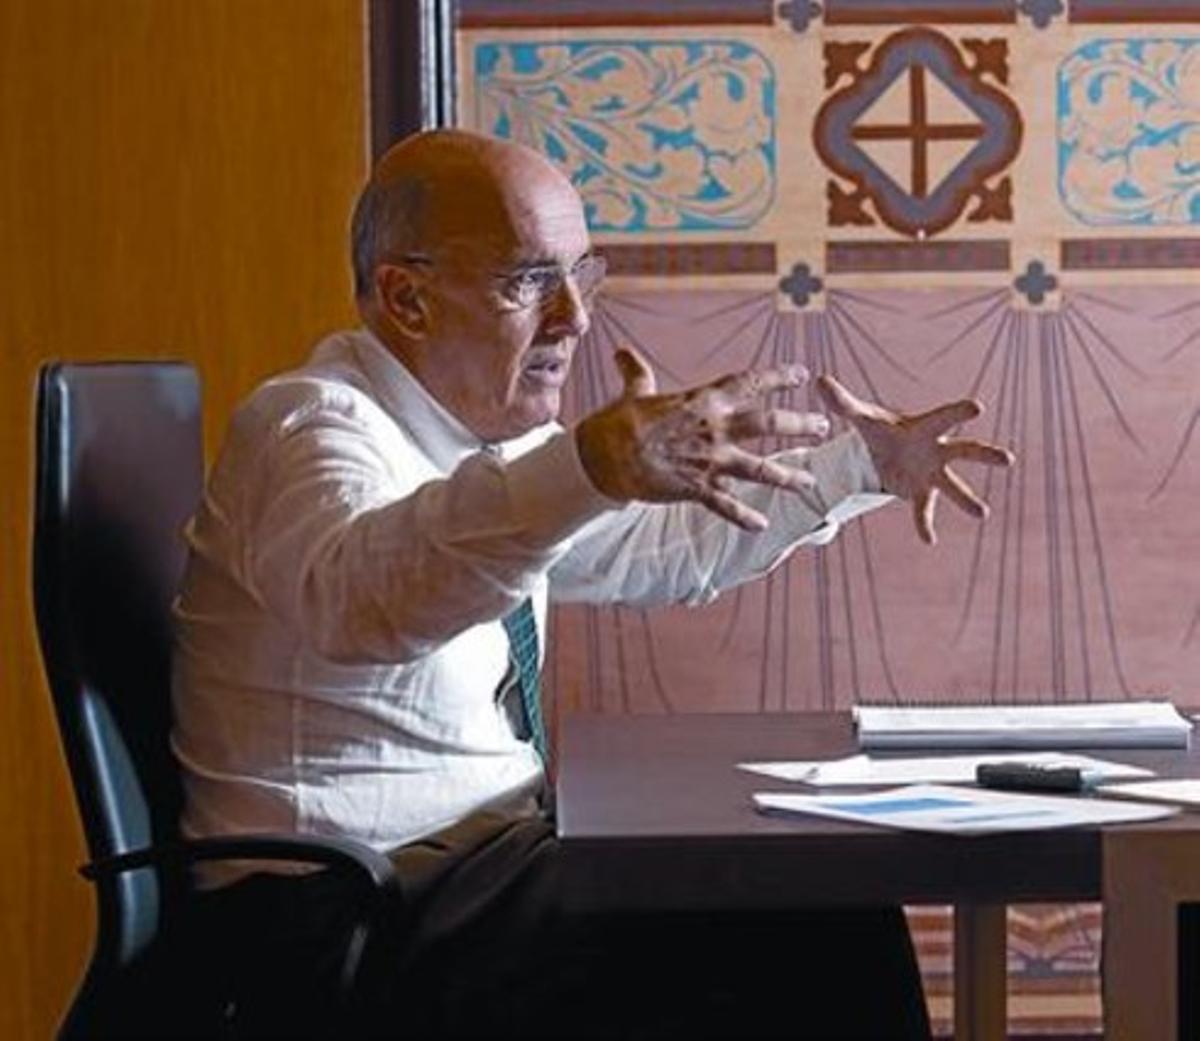 Ruiz, en un momento de la entrevista en su despacho del departamento de Salut.